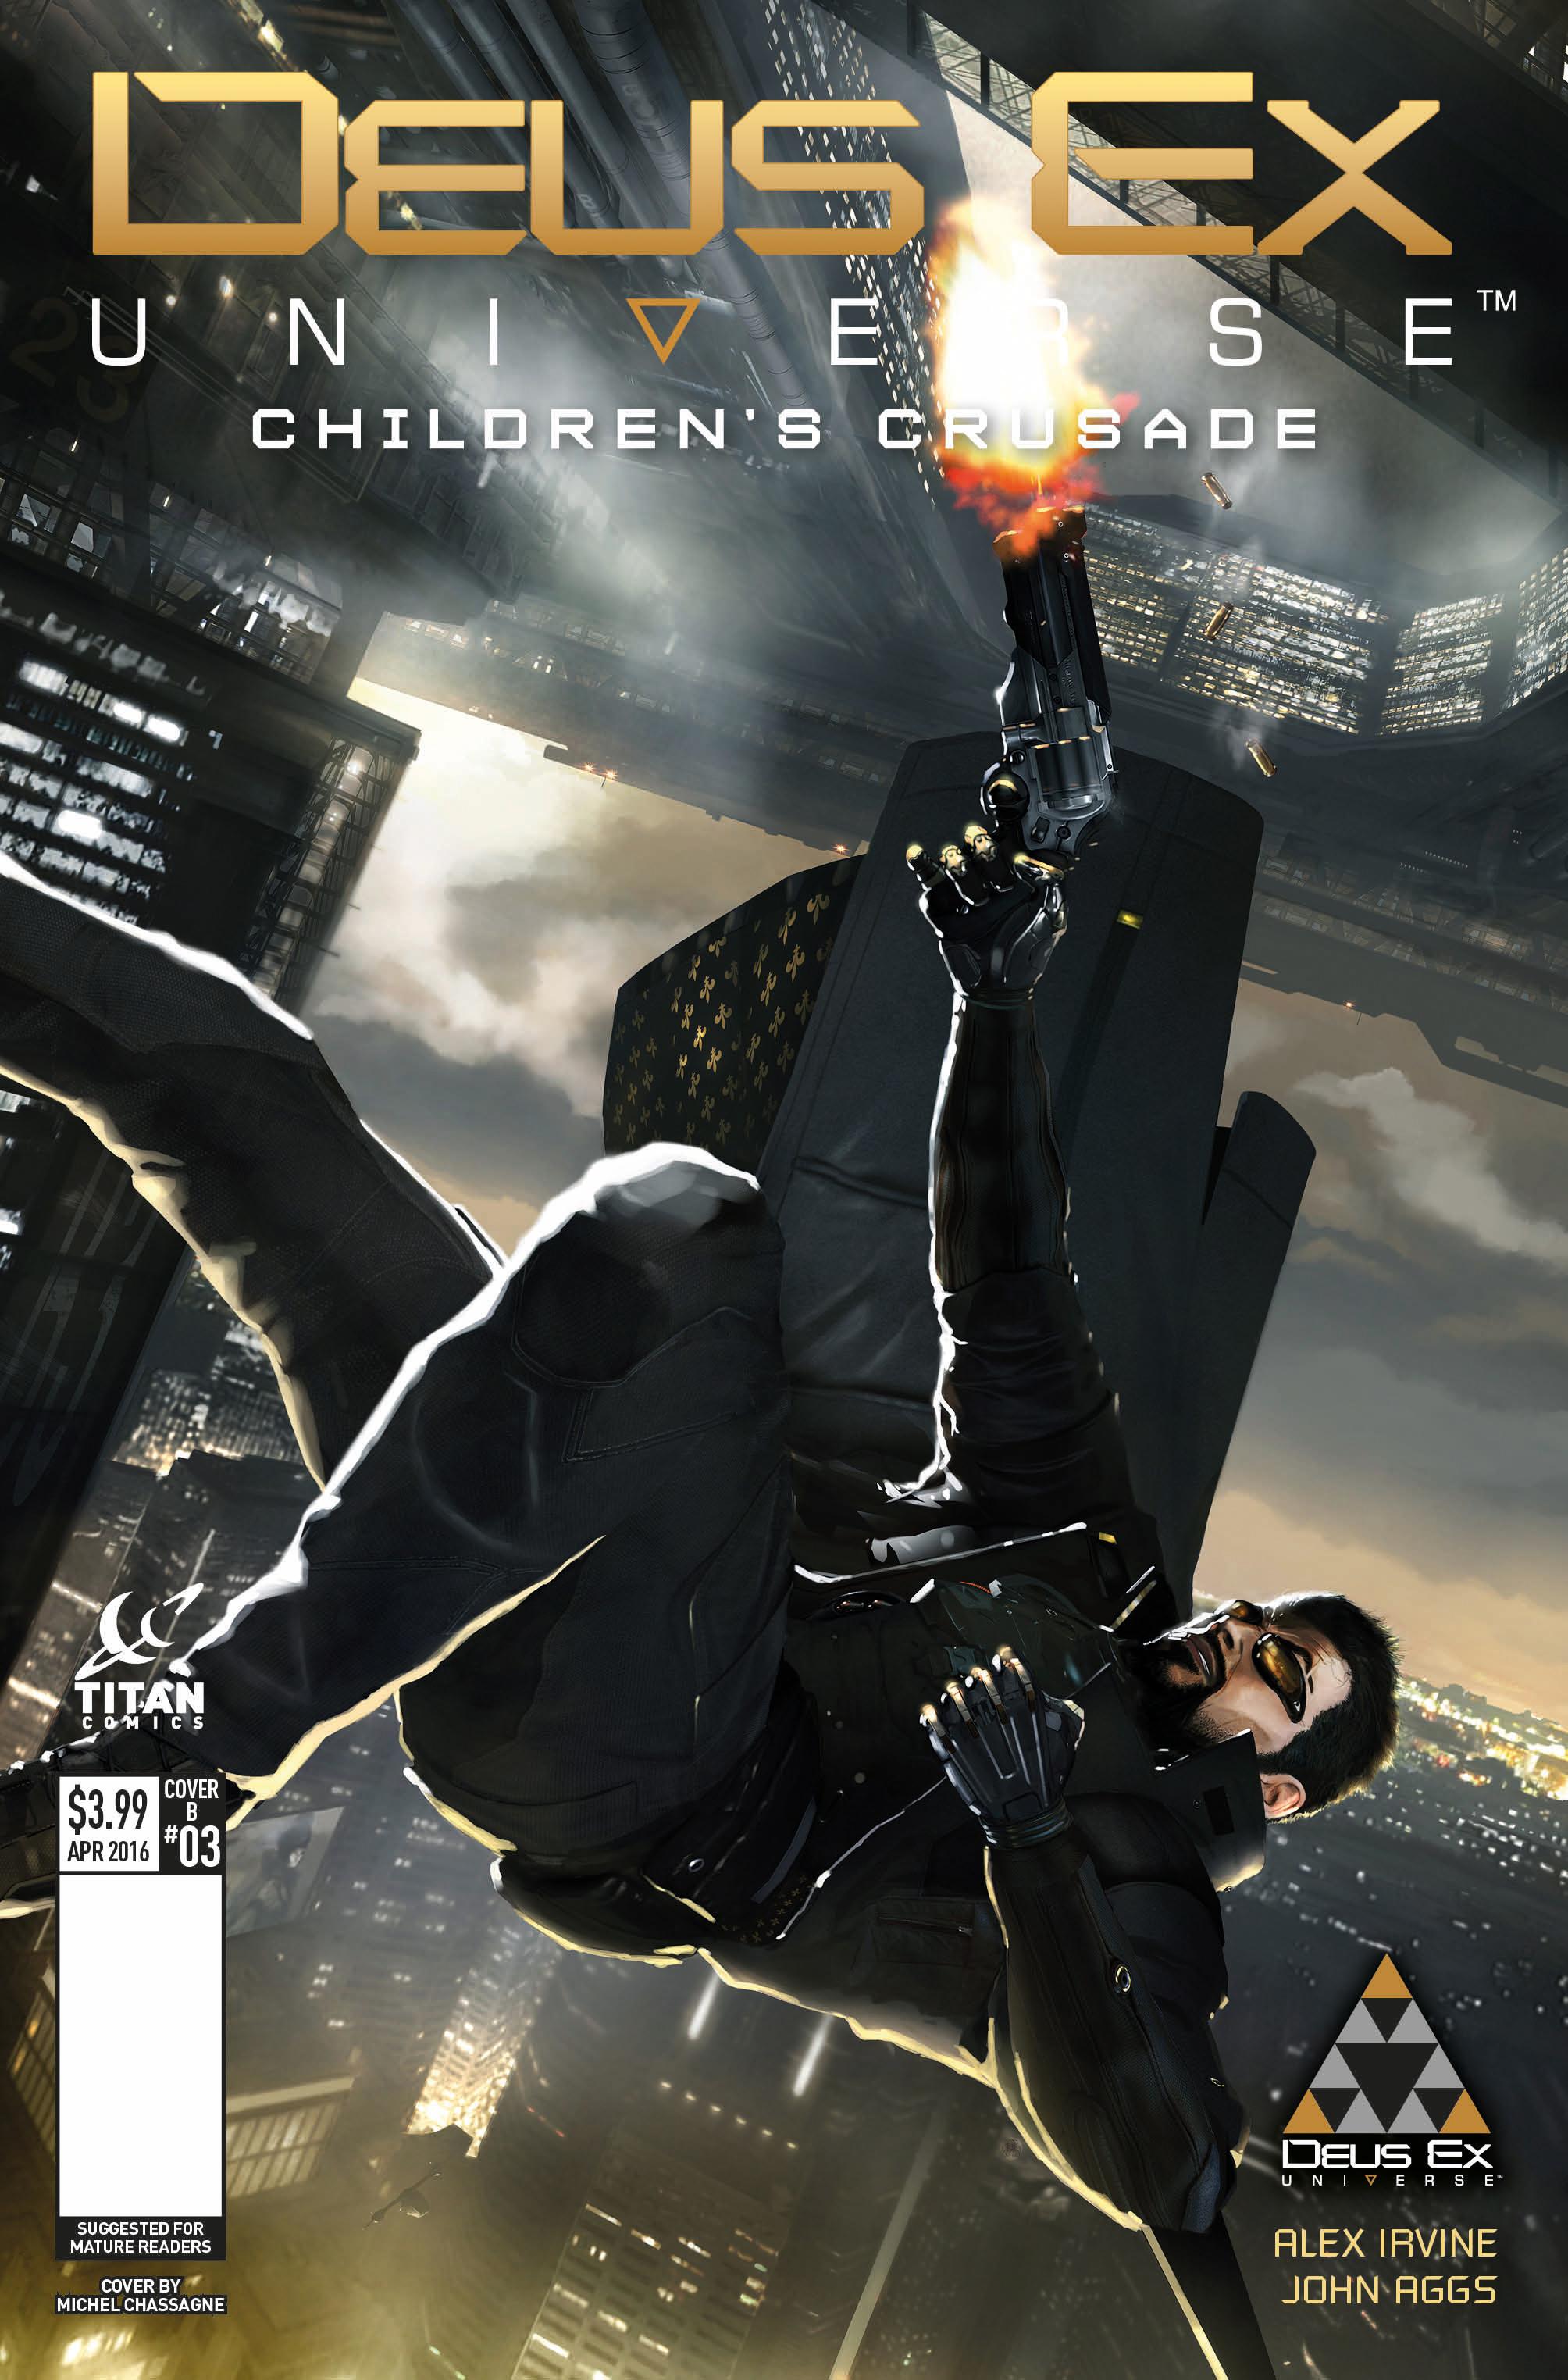 Deus Ex: Children's Crusade #3 Cover